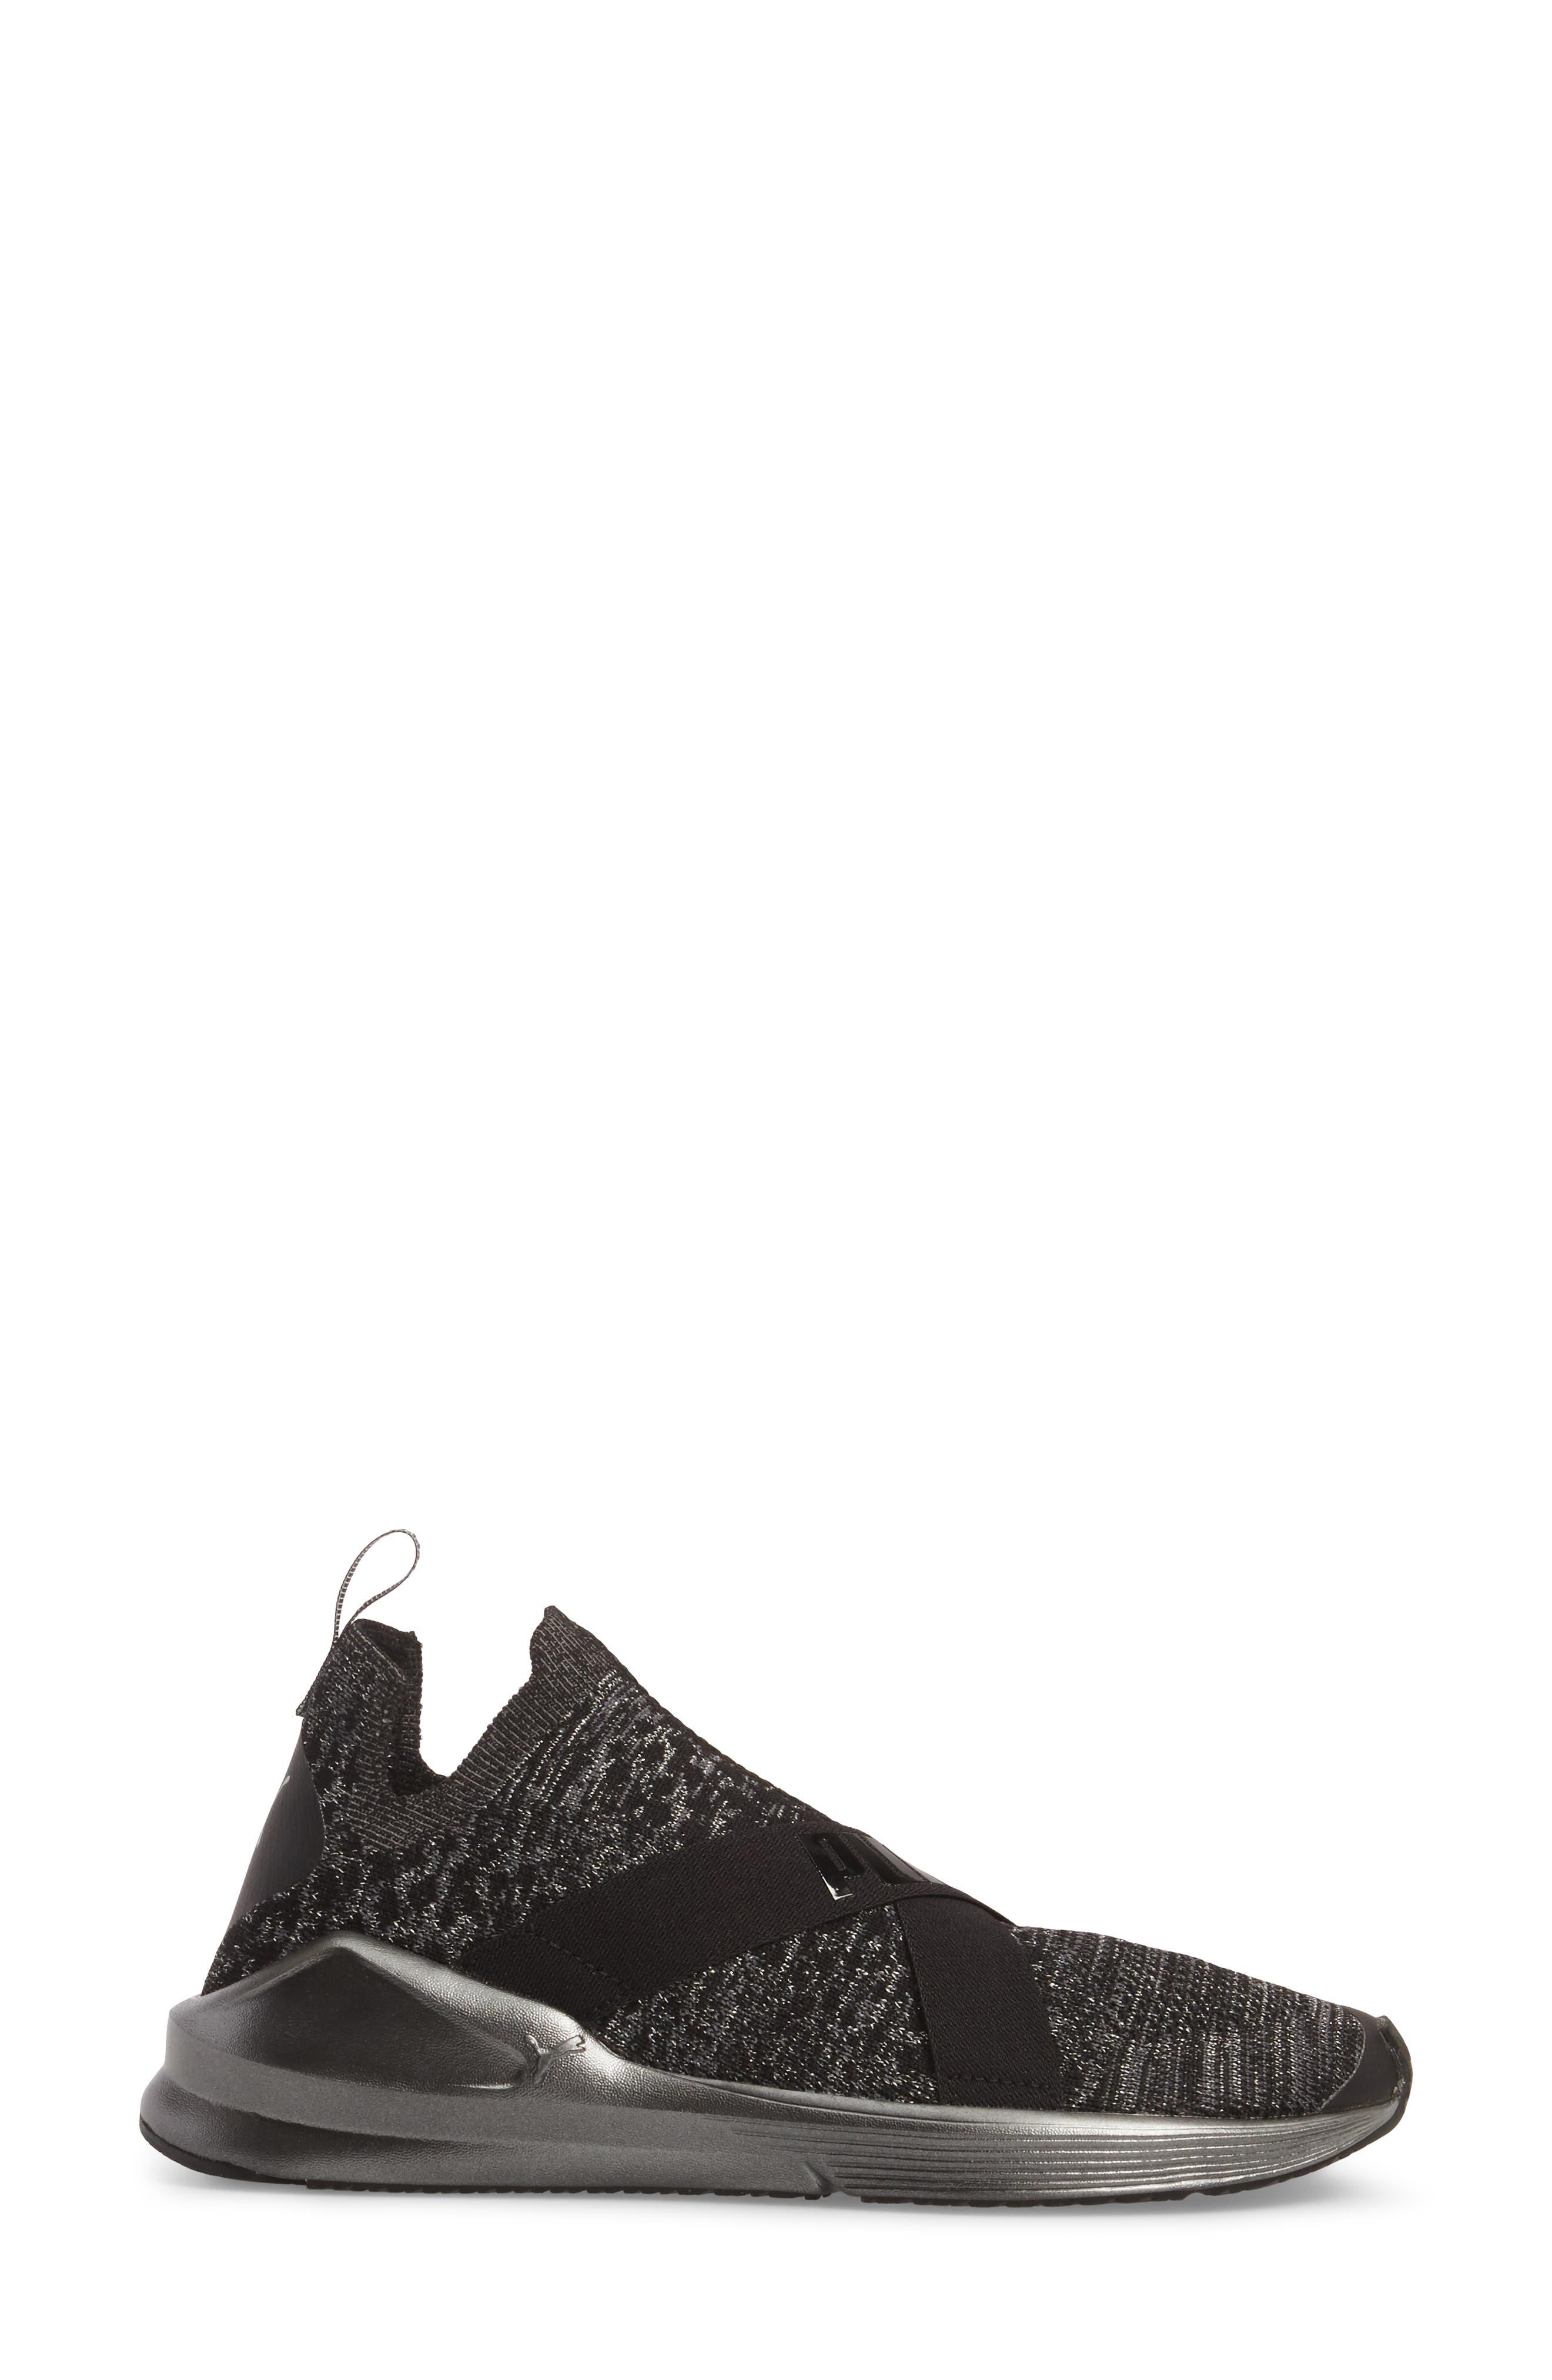 Fierce evoKnit Training Sneaker,                             Alternate thumbnail 3, color,                             003